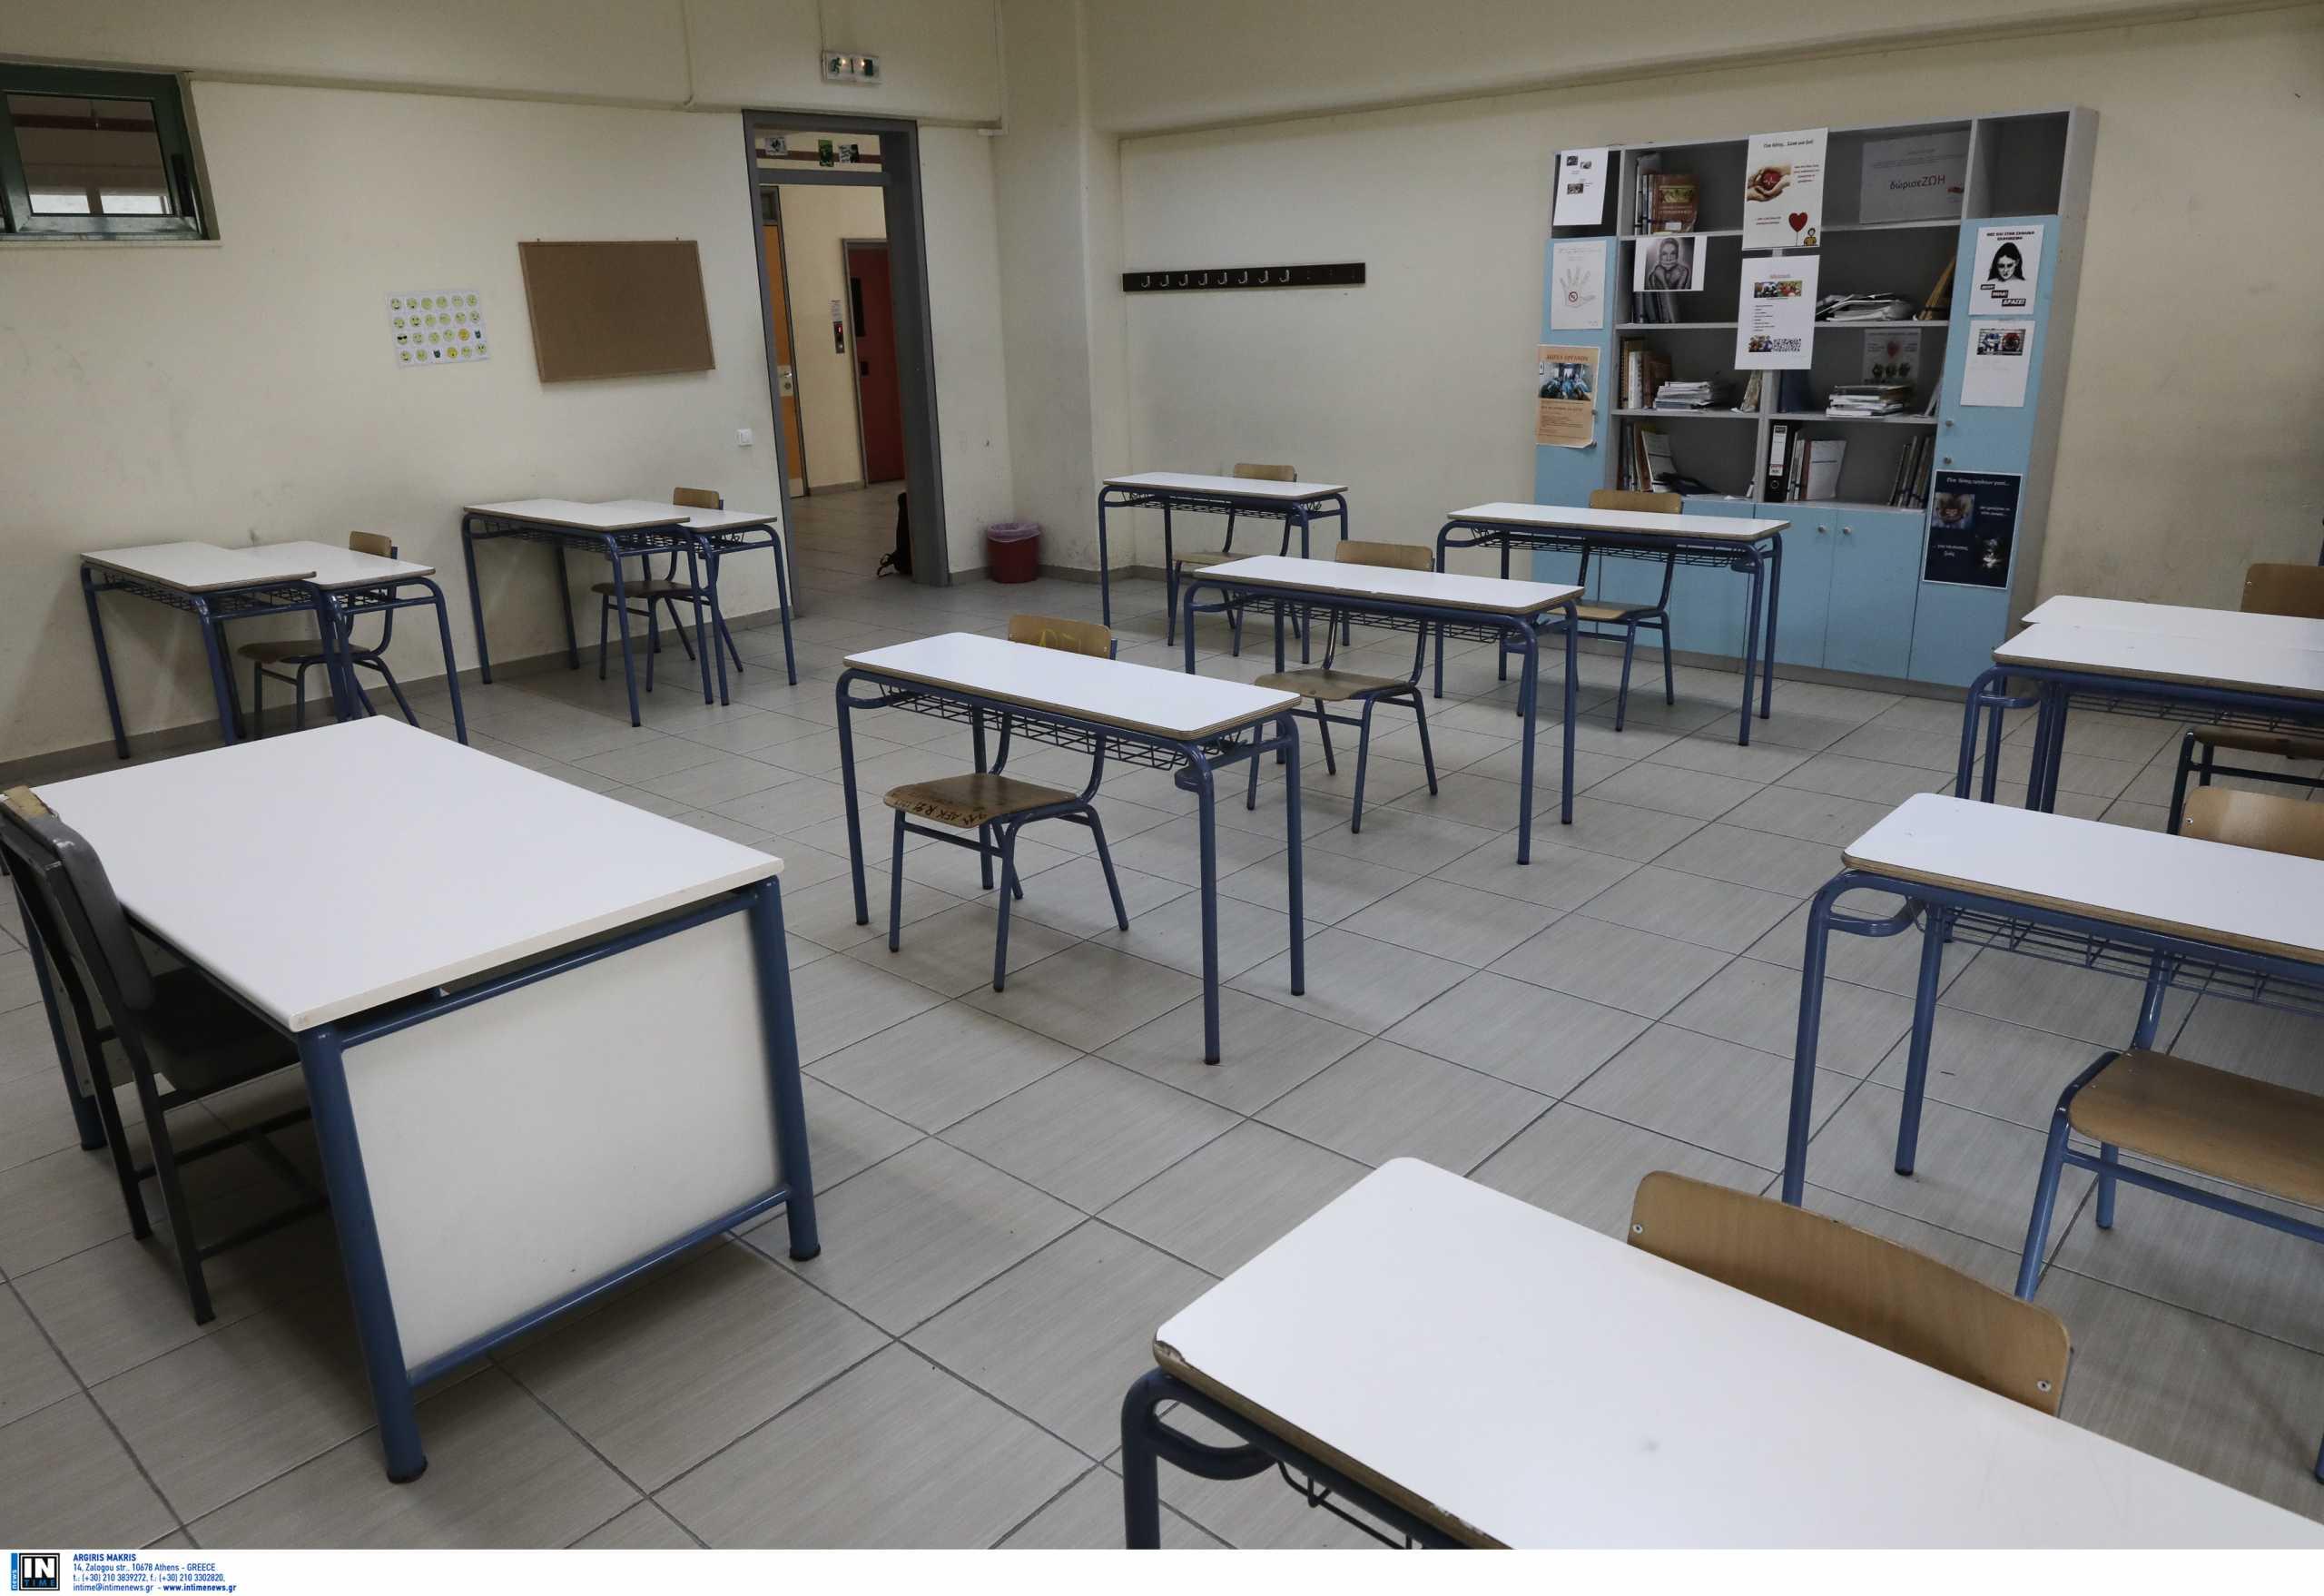 Άνοιξε η πλατφόρμα υποβολής για αιτήσεις για τα Πρότυπα και Πειραματικά Σχολεία